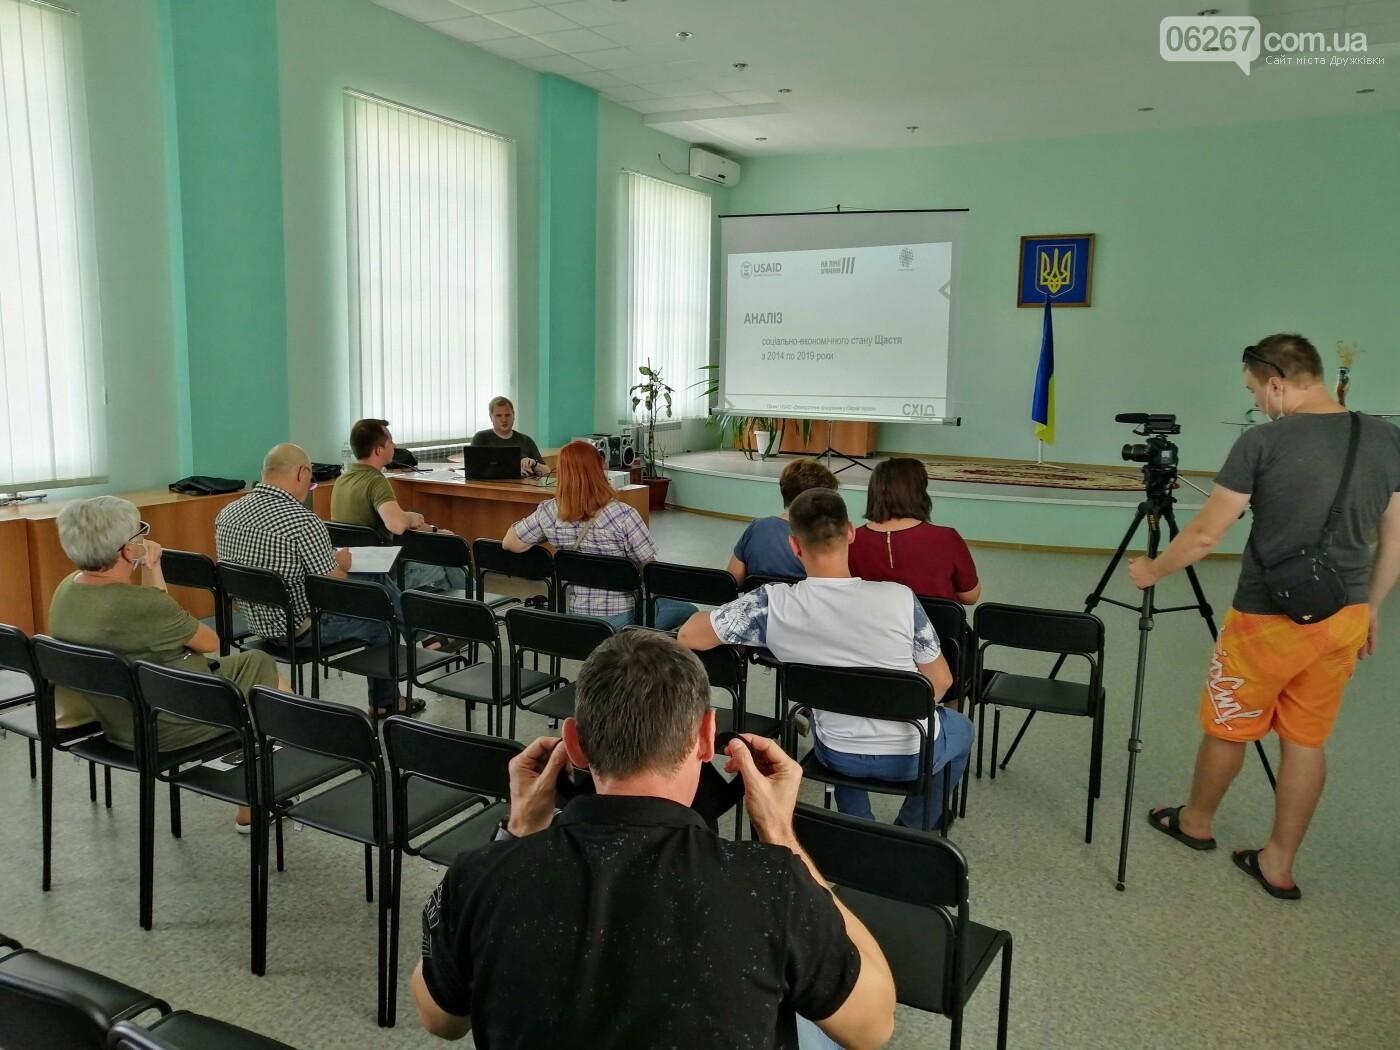 Чим живе прифронтове Щастя: місто відвідали активісти зі Слов'янська, Торецька та Рубіжного, фото-8